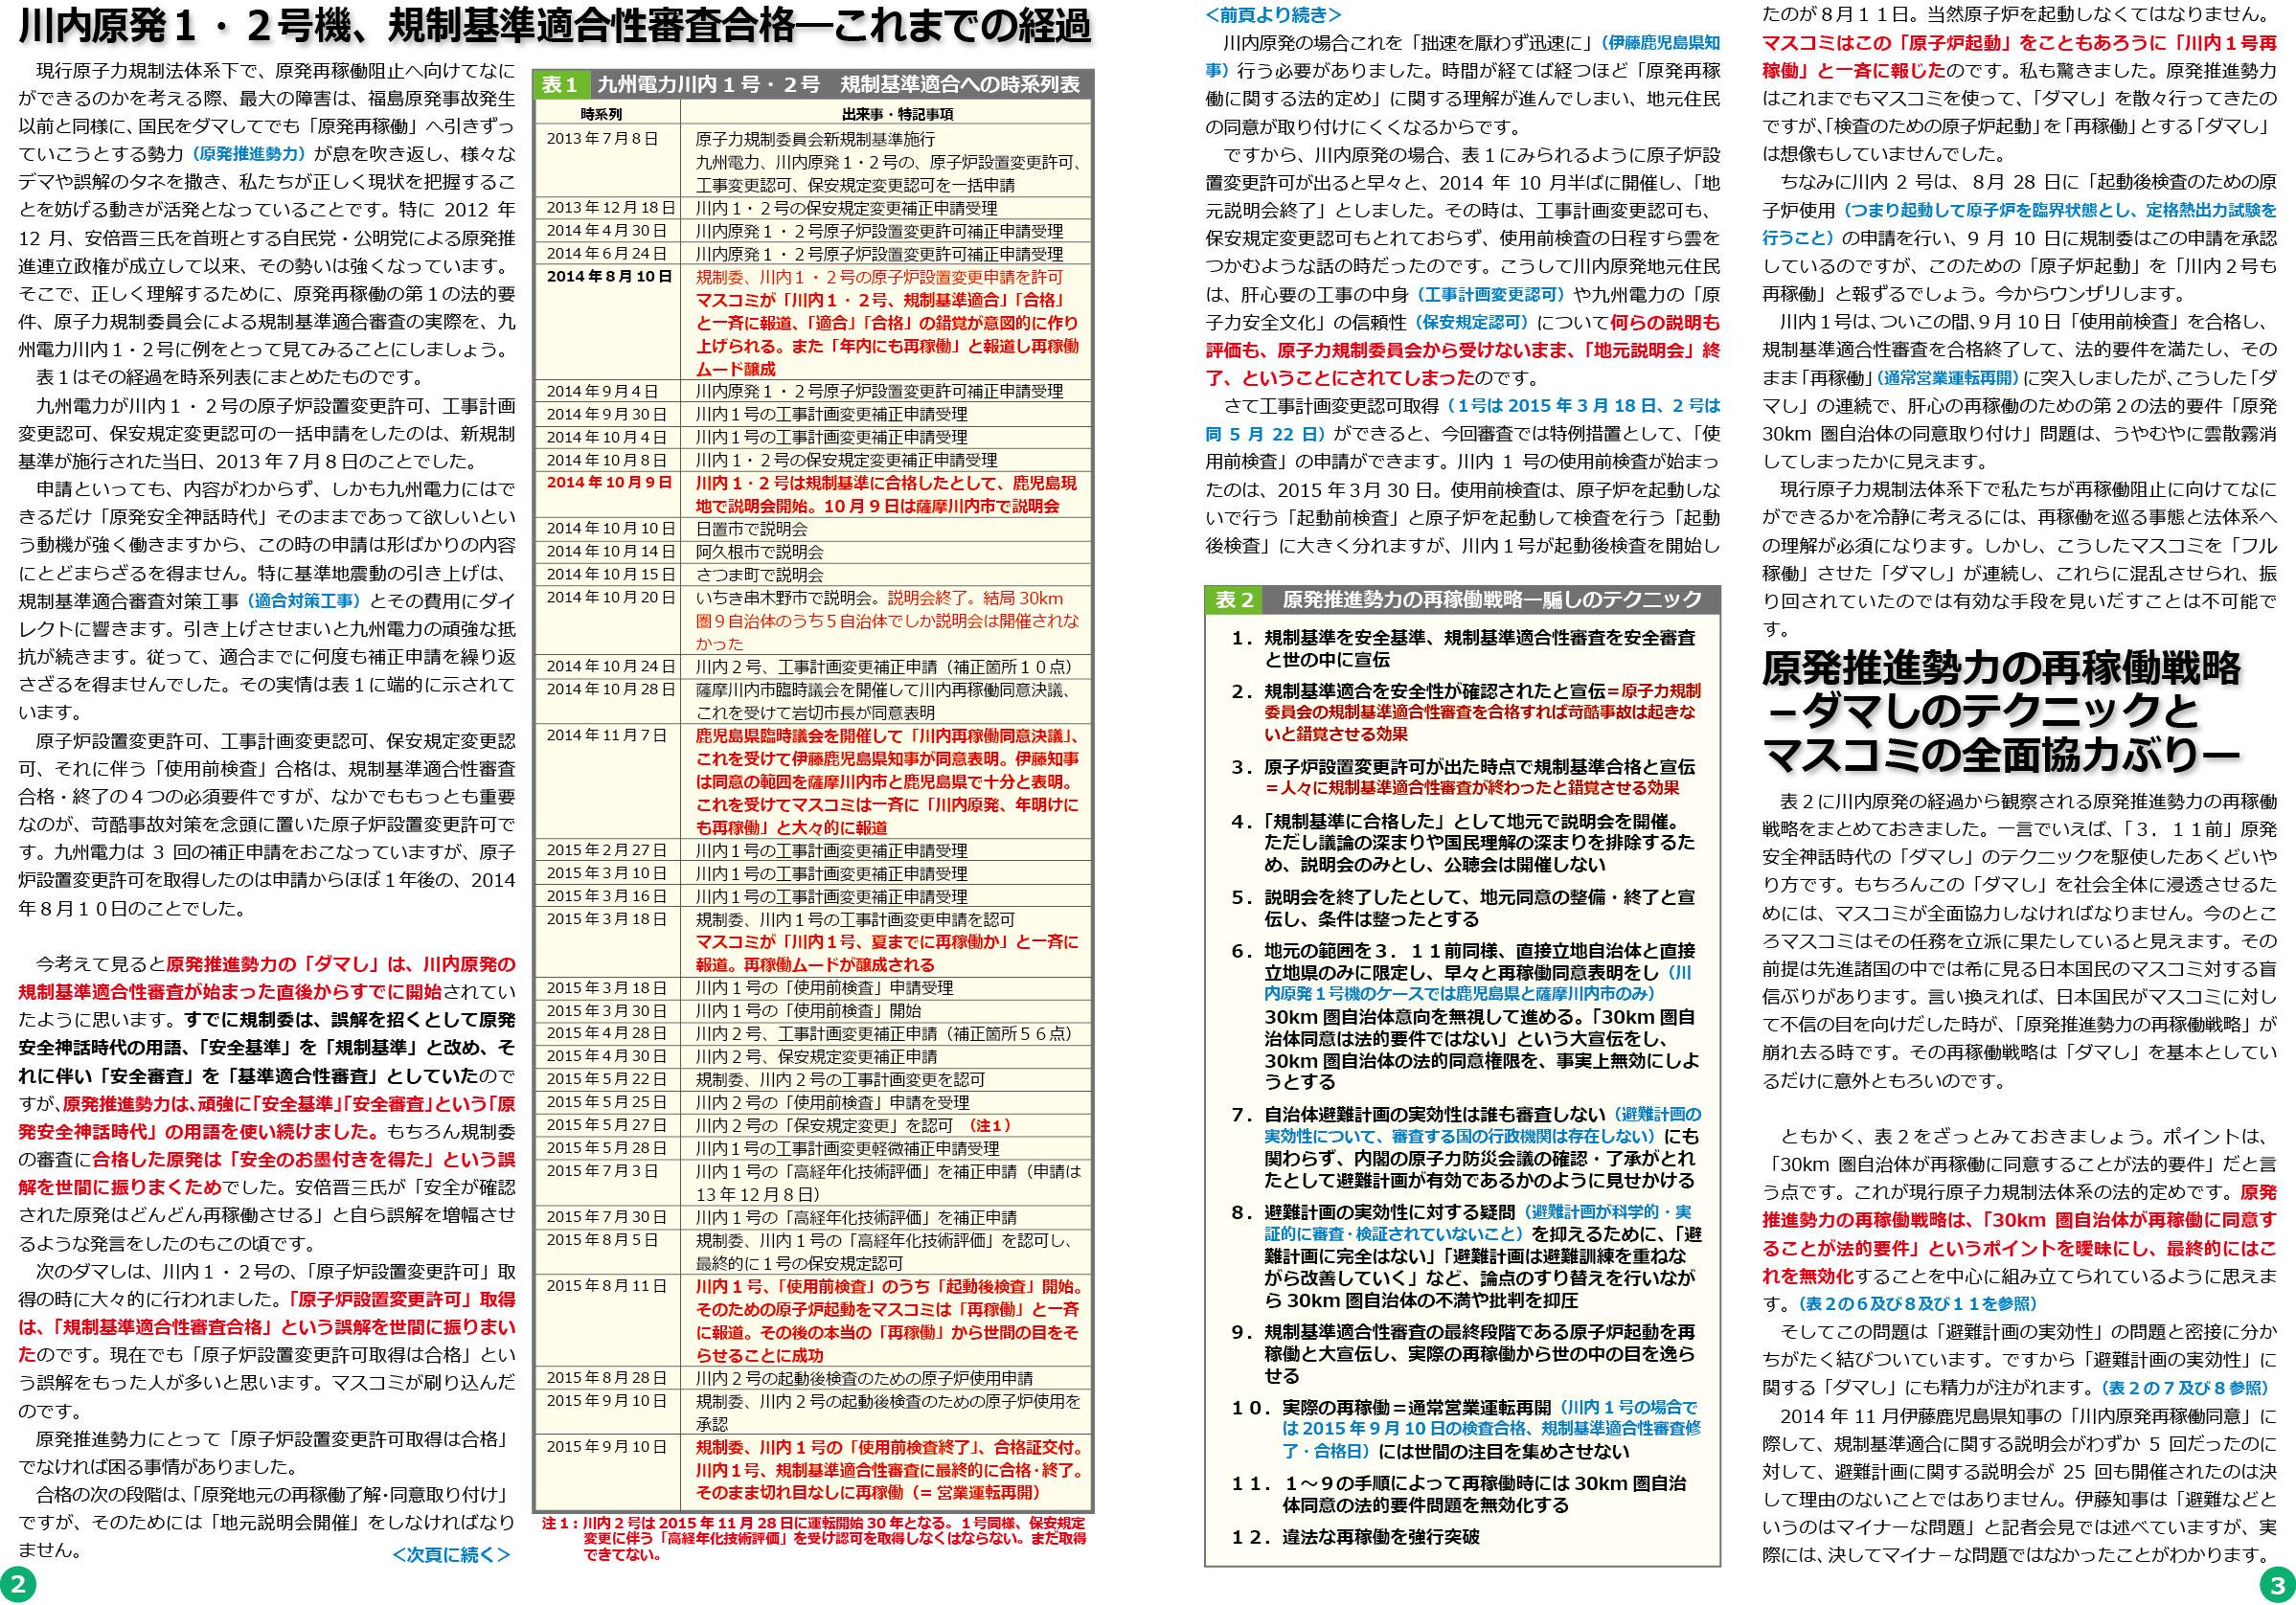 ファイル 73-2.jpg